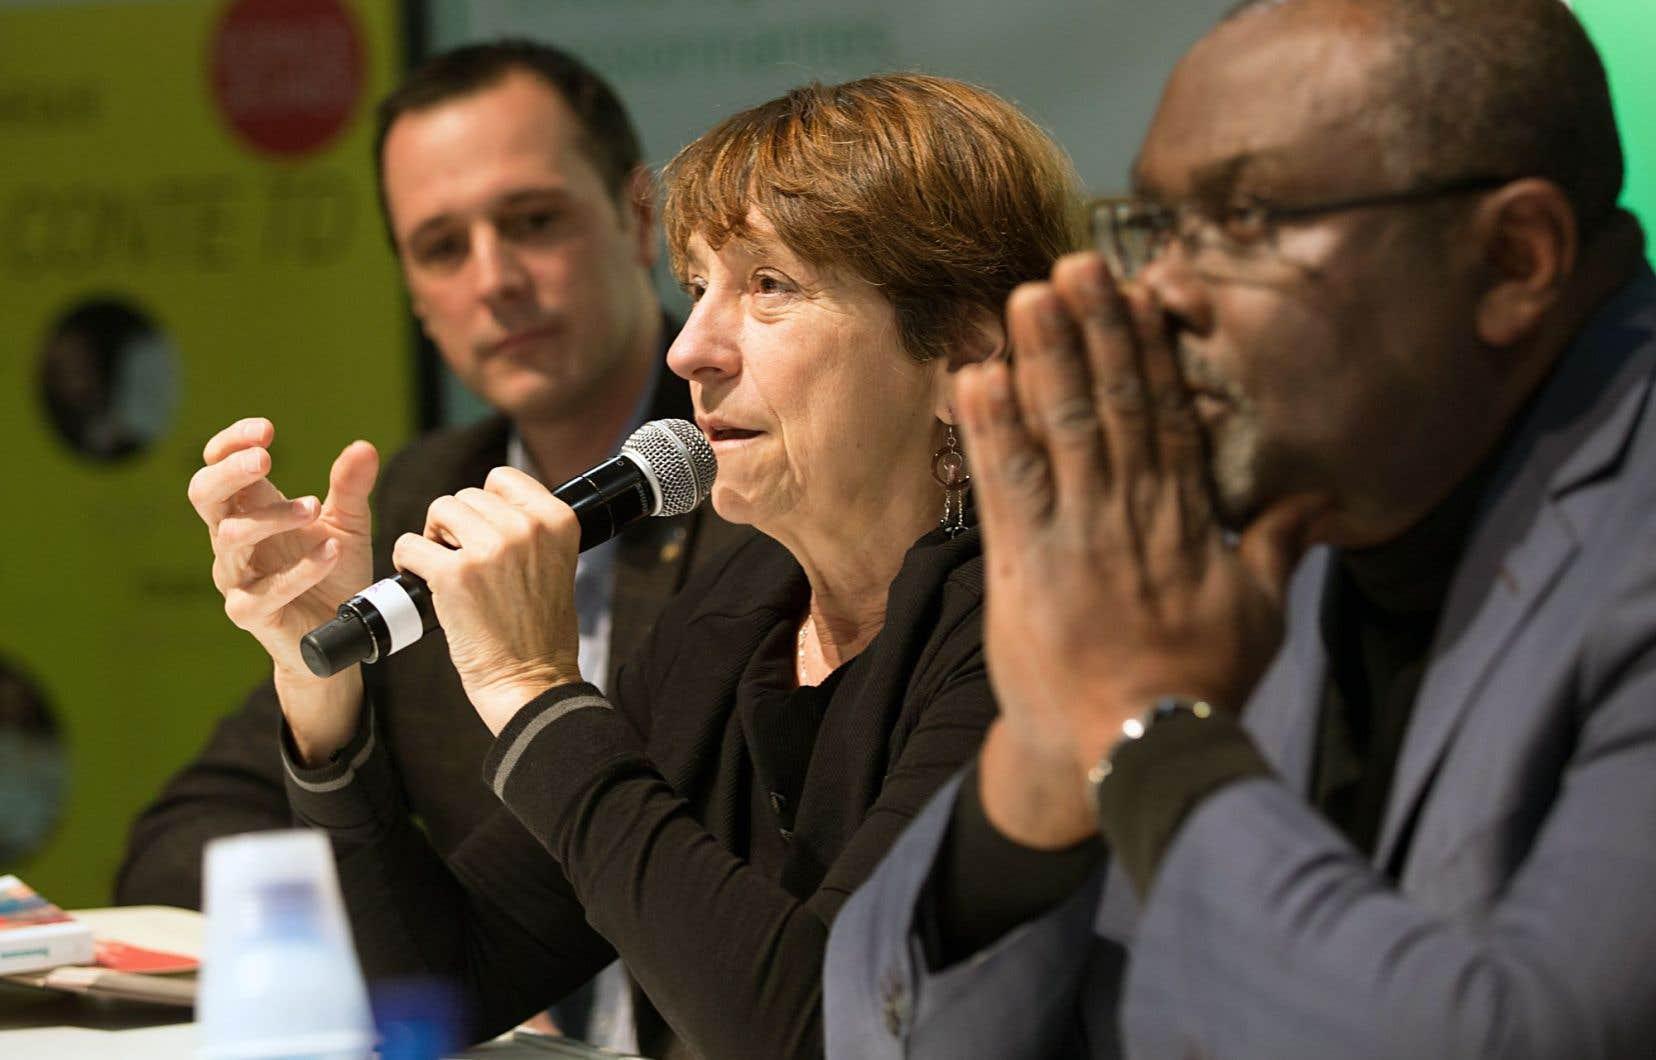 De gauche à droite, Jean-François Roberge, Françoise David et Maka Kotto. La quatrième invitée à cette table ronde, la ministre de la Culture, Hélène David, n'apparaît pas sur la photo.